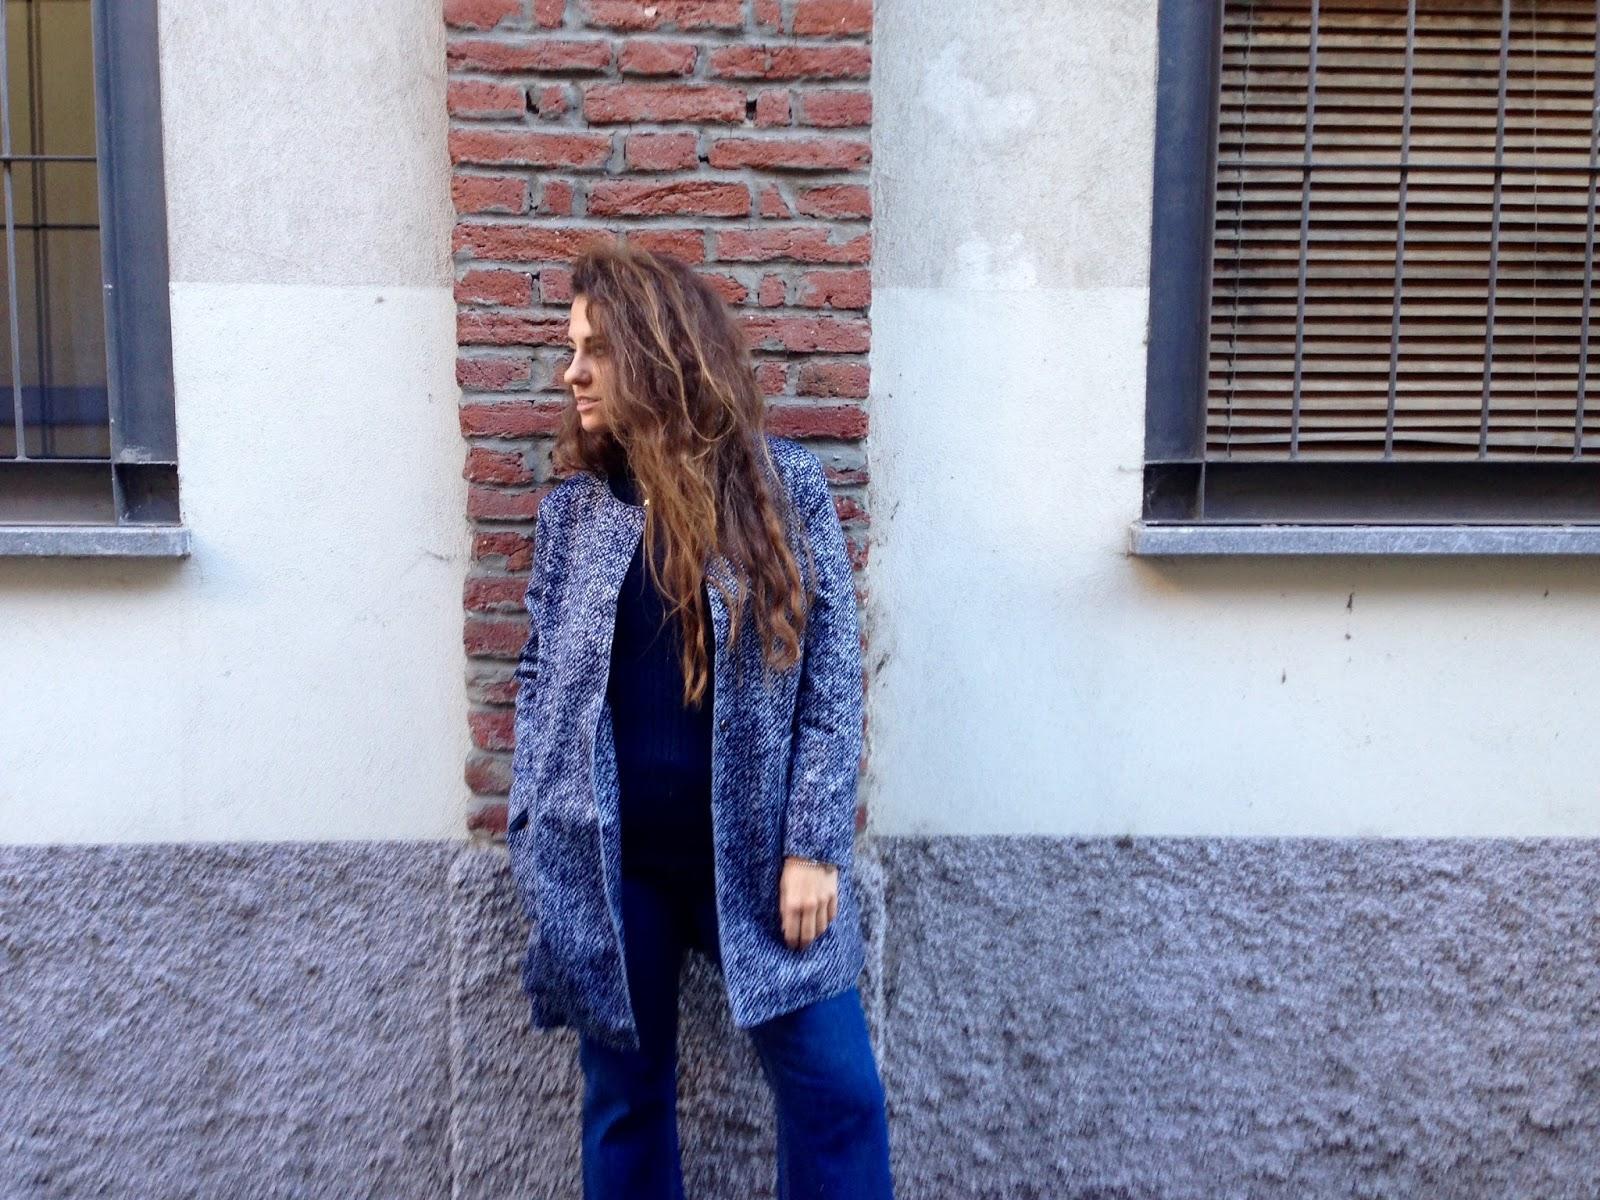 d70aa677db Pantaloni a zampa, cappotto blu e la prima sessione esami   Fashion ...